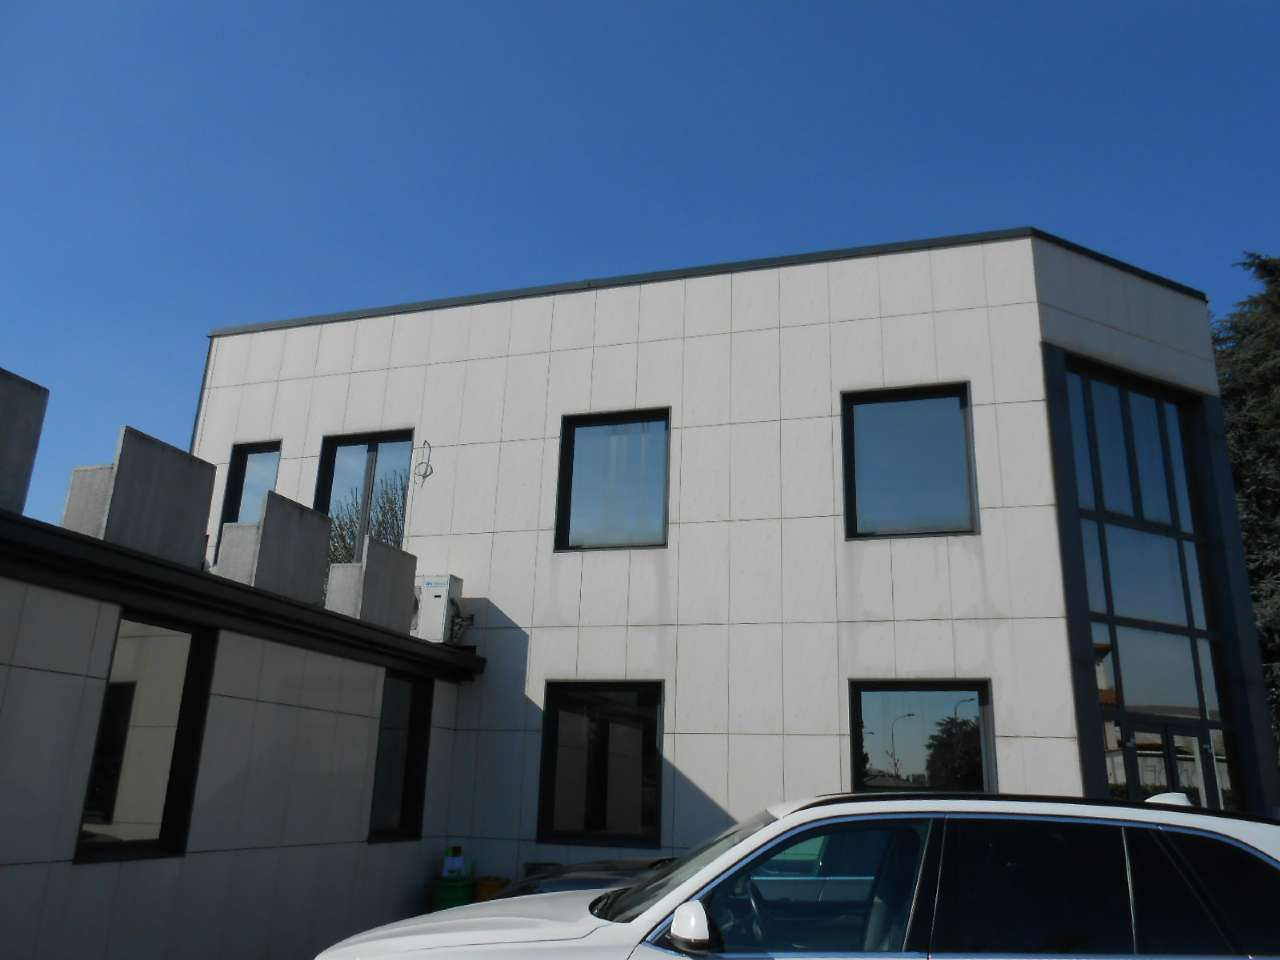 Ufficio / Studio in vendita a Madignano, 6 locali, prezzo € 730.000   PortaleAgenzieImmobiliari.it